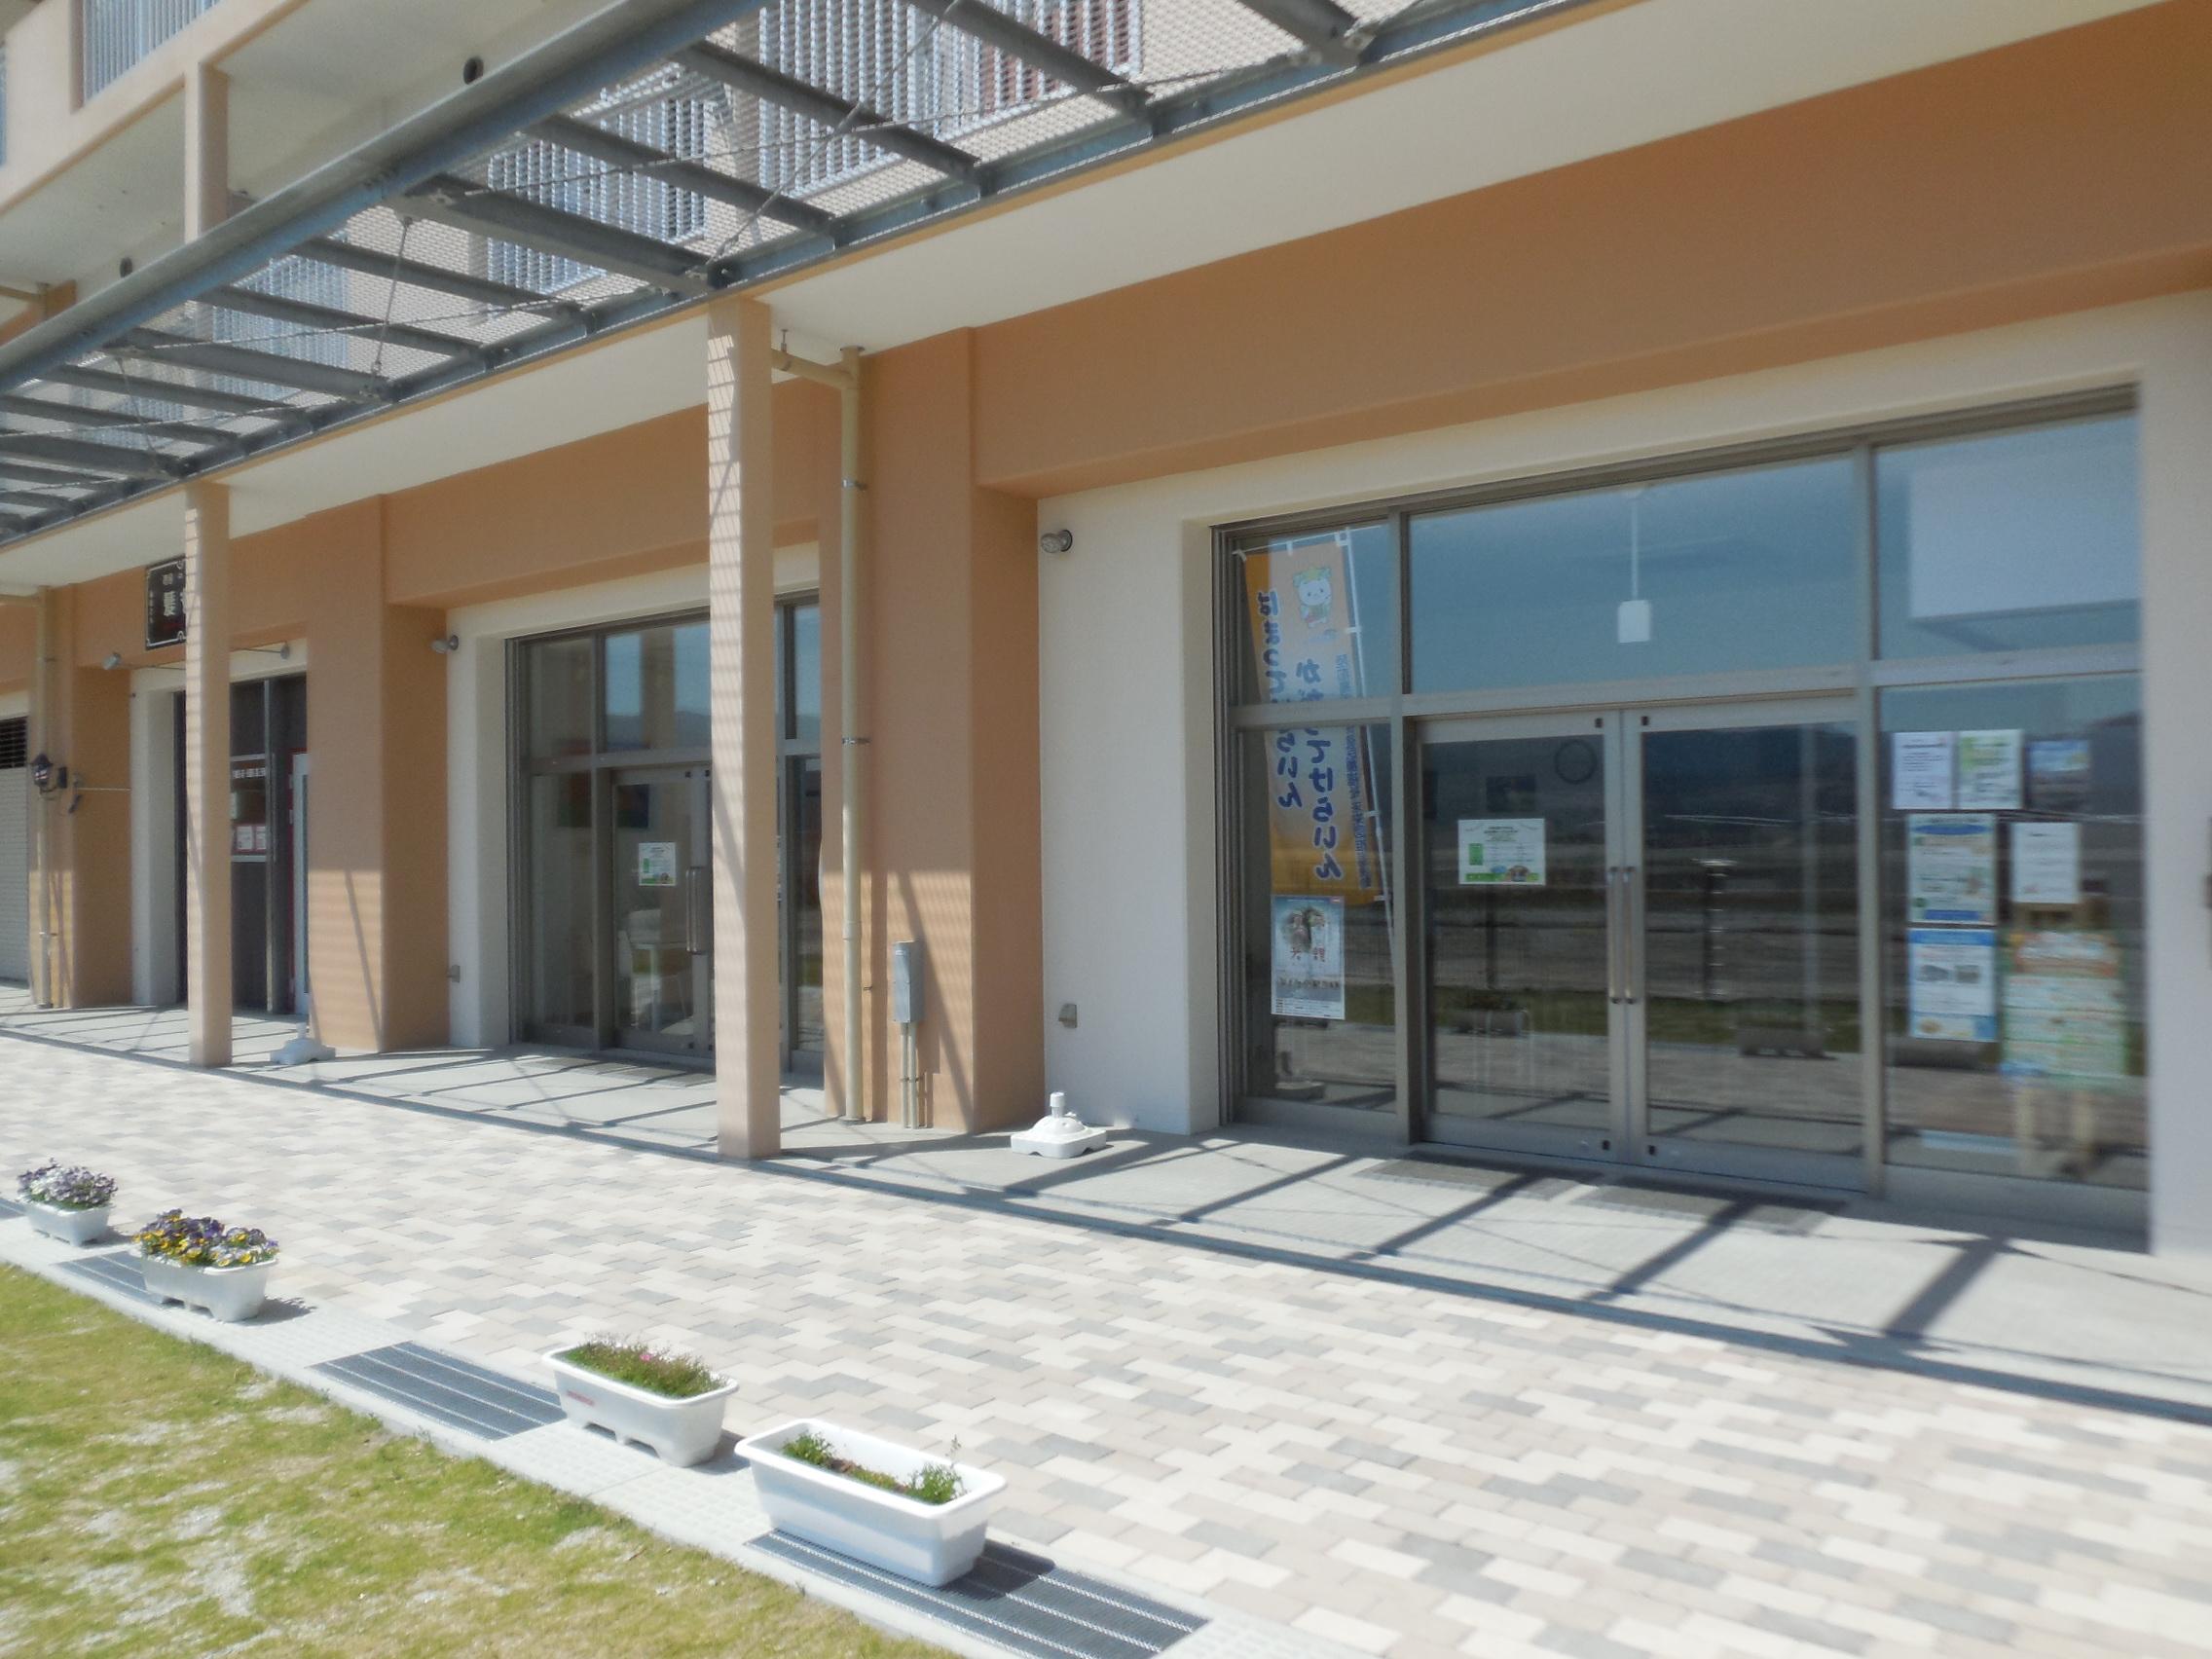 岩手県における災害公営住宅の供給の推進等に係る検討業務